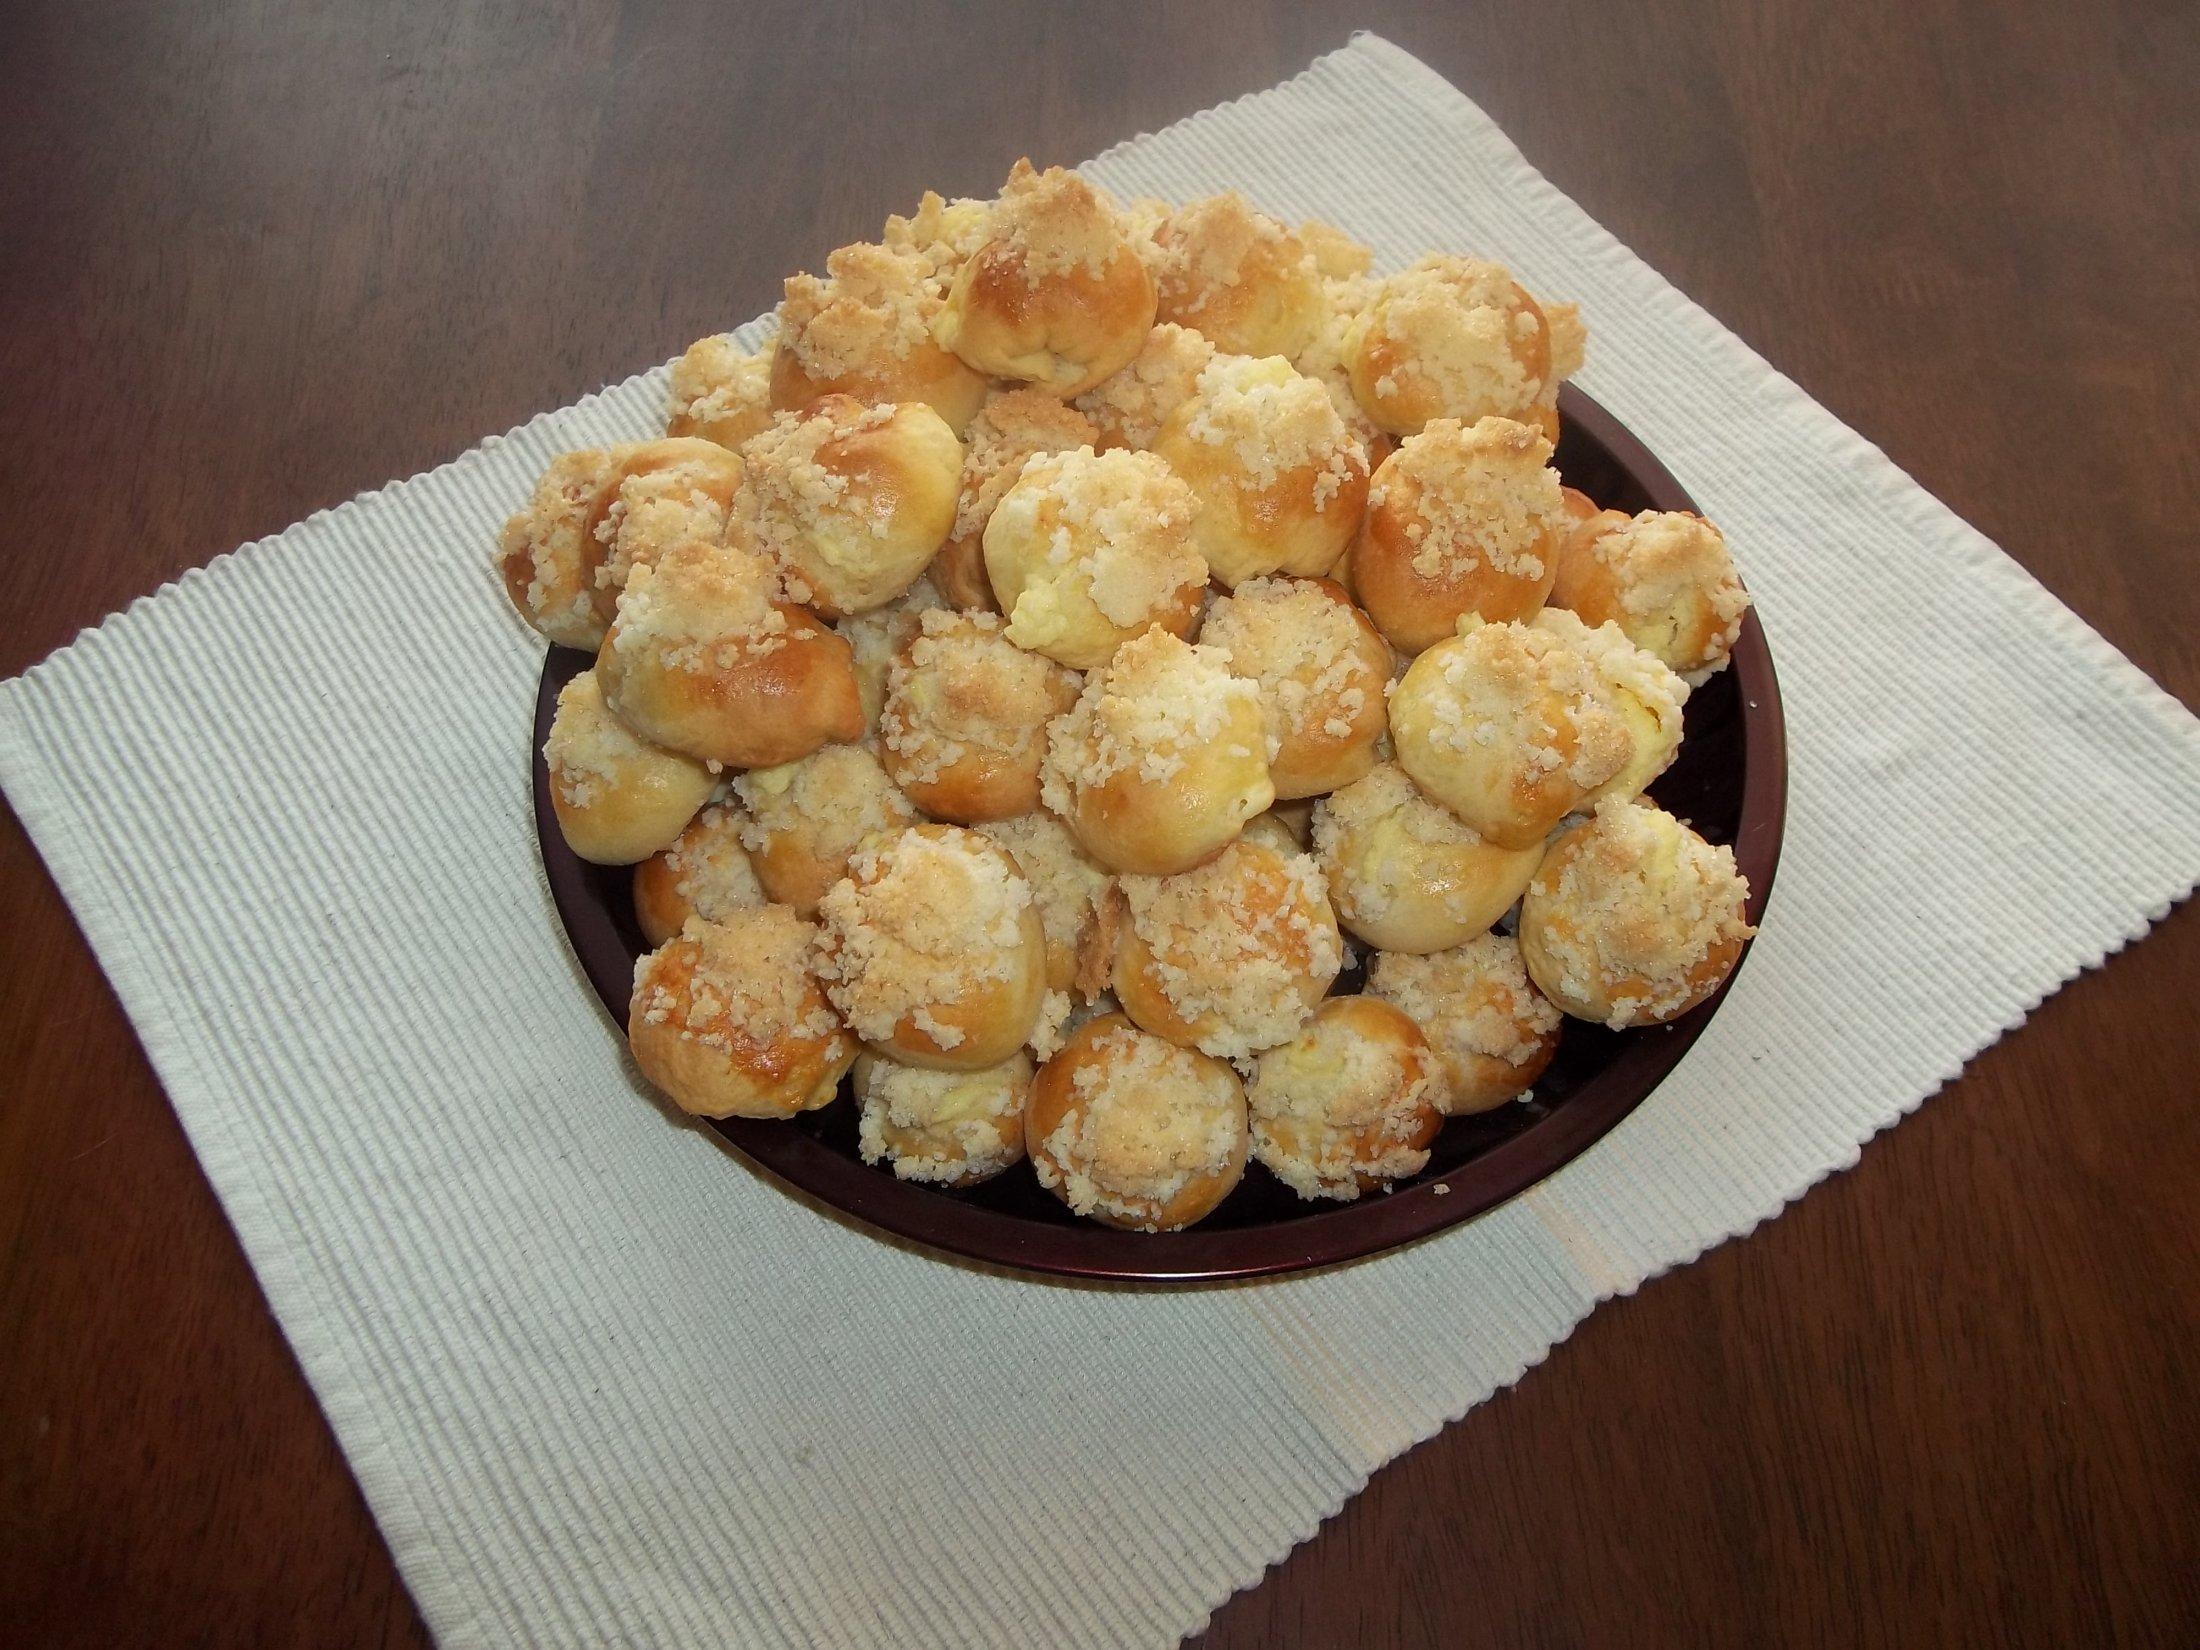 Fotografie receptu: Křehké svatební koláčky